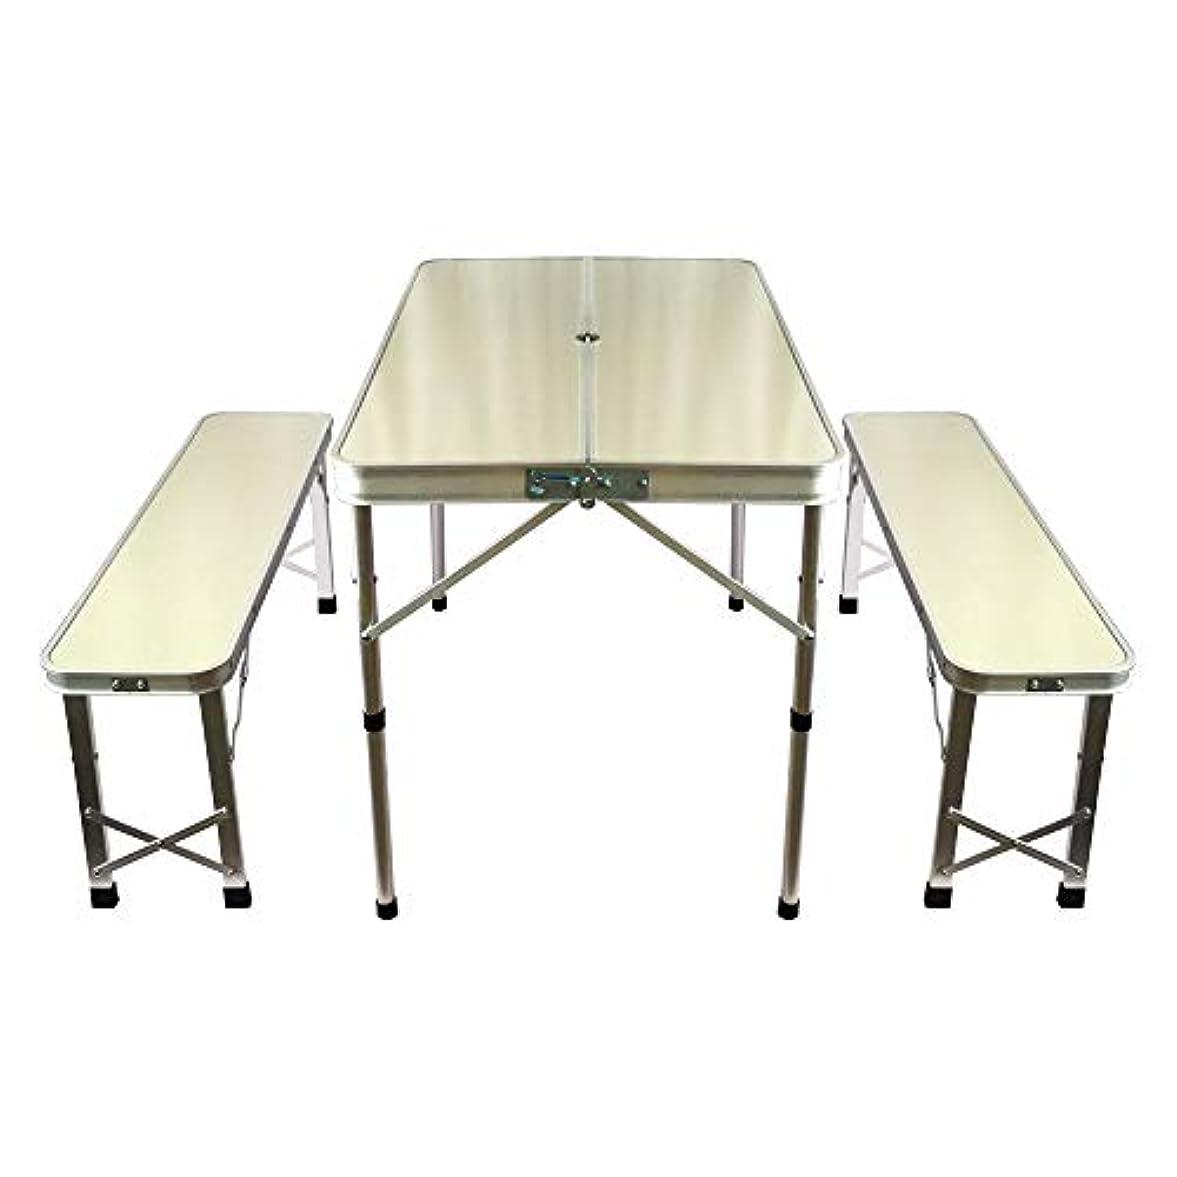 狂うスプーンドキドキHewflitベンチチェア付きアウトドアテーブル 折りたたみレジャーテーブル 高さ2段階 調節可能 ベンチセット キャンプ用品 [並行輸入品]